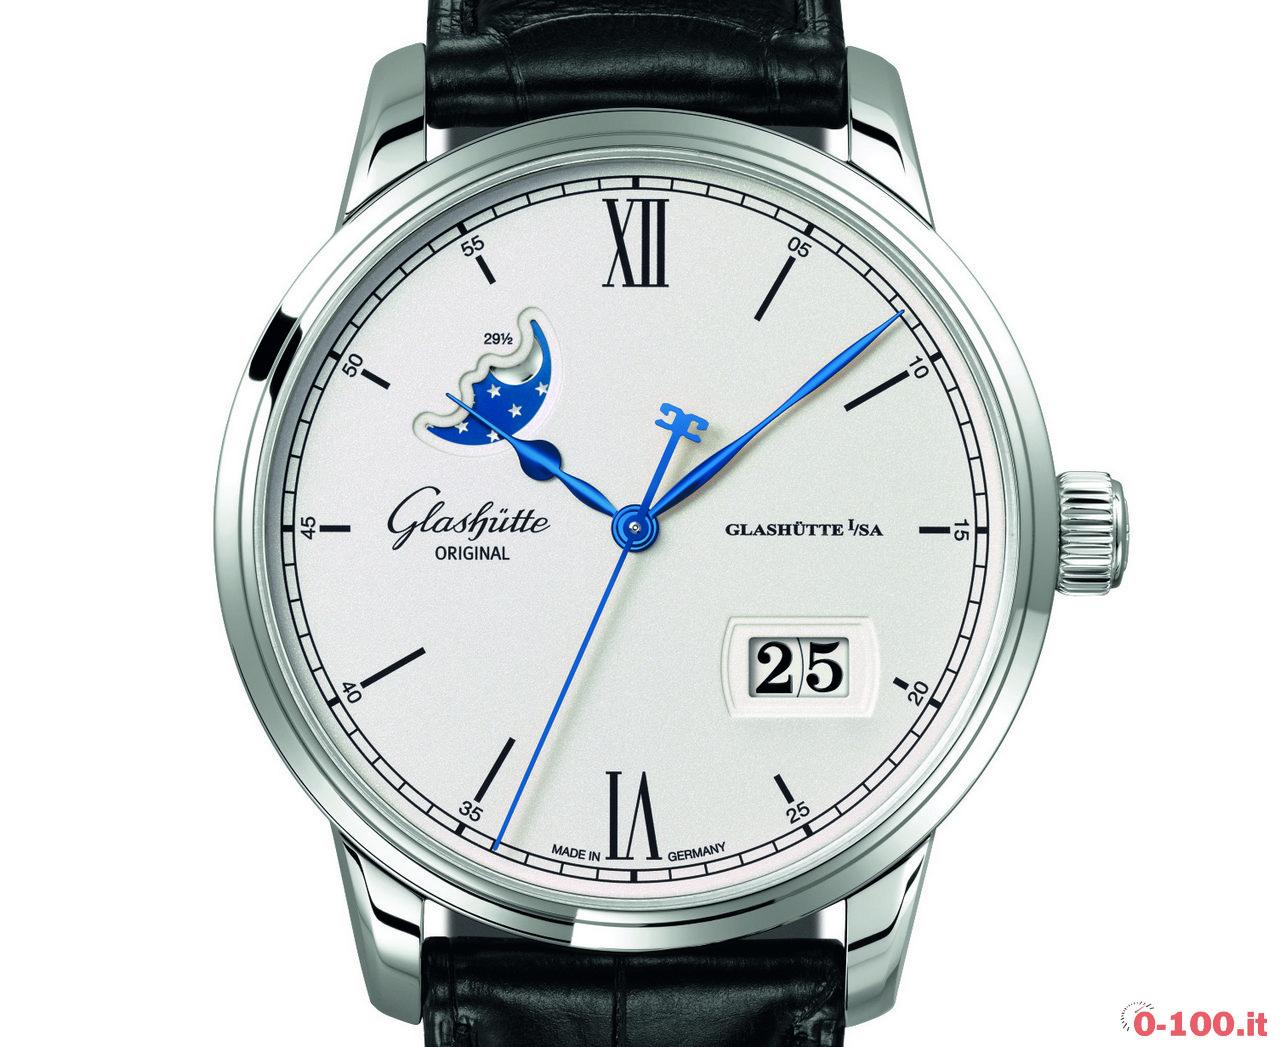 glashutte-original-senator-excellence-data-panoramica-moon-phase-prezzo-price_0-1003